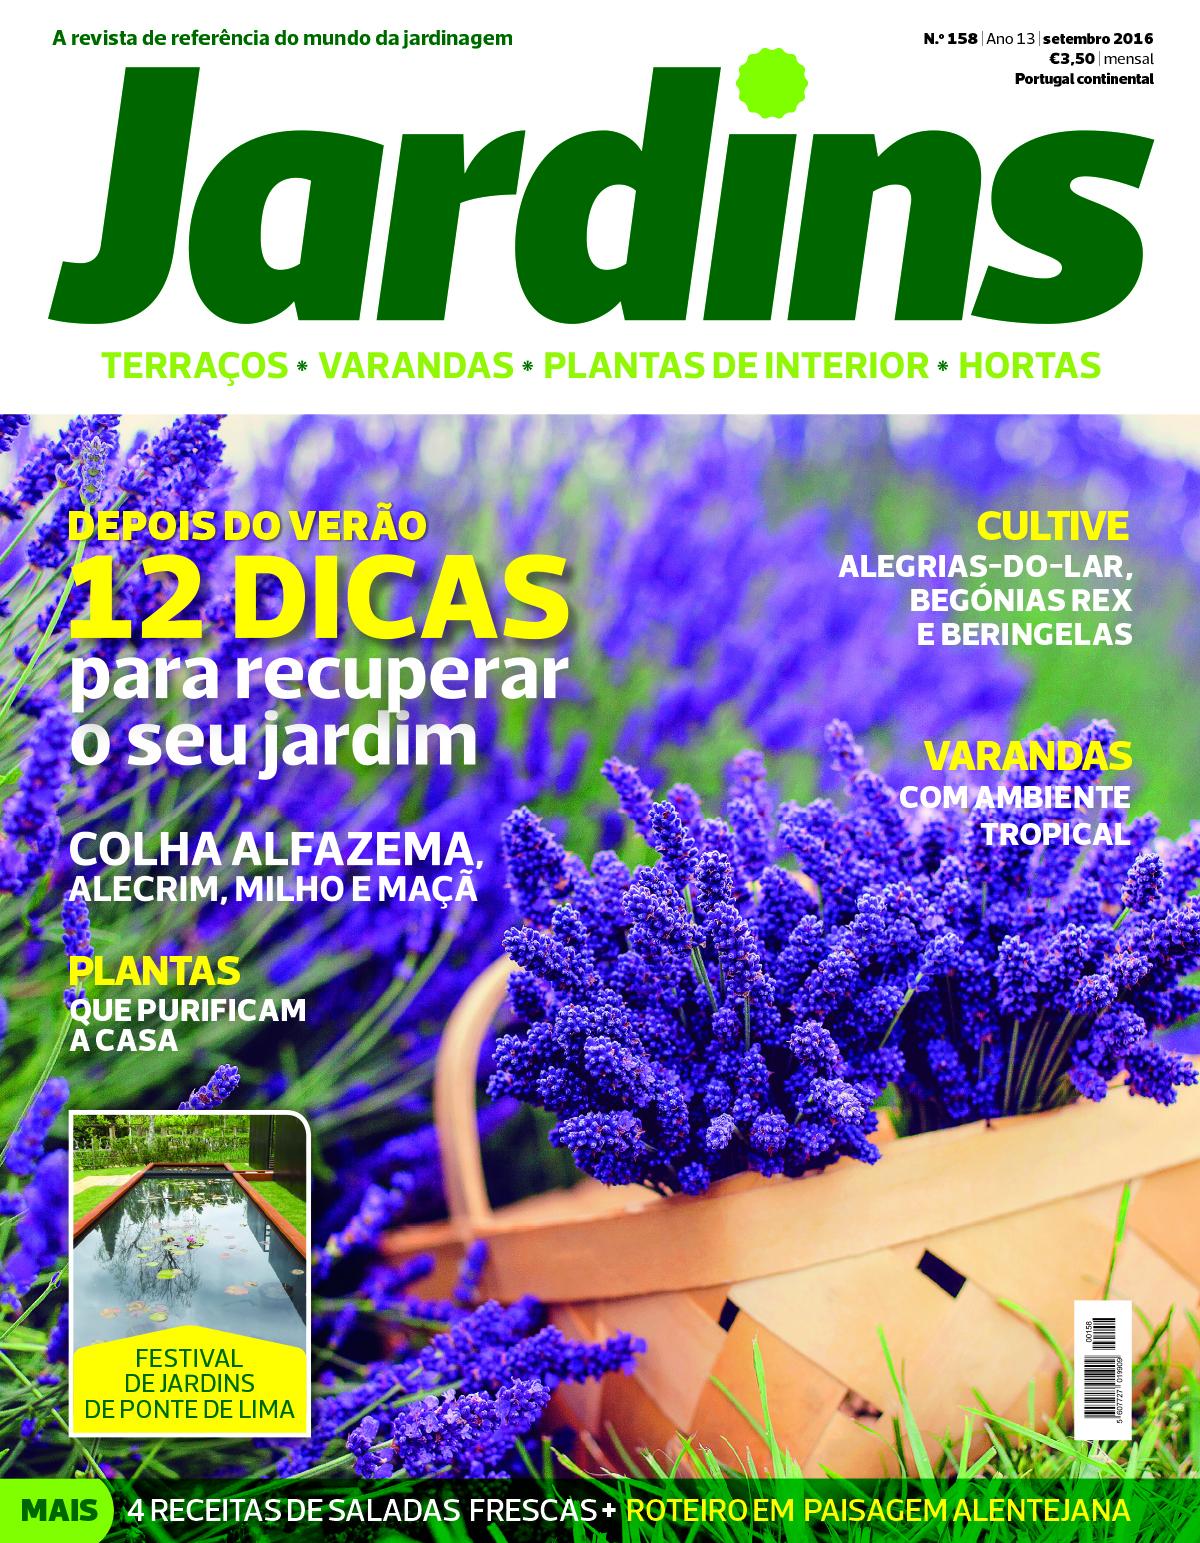 Um jardim para cuidar for Jardin de genios revista 2016